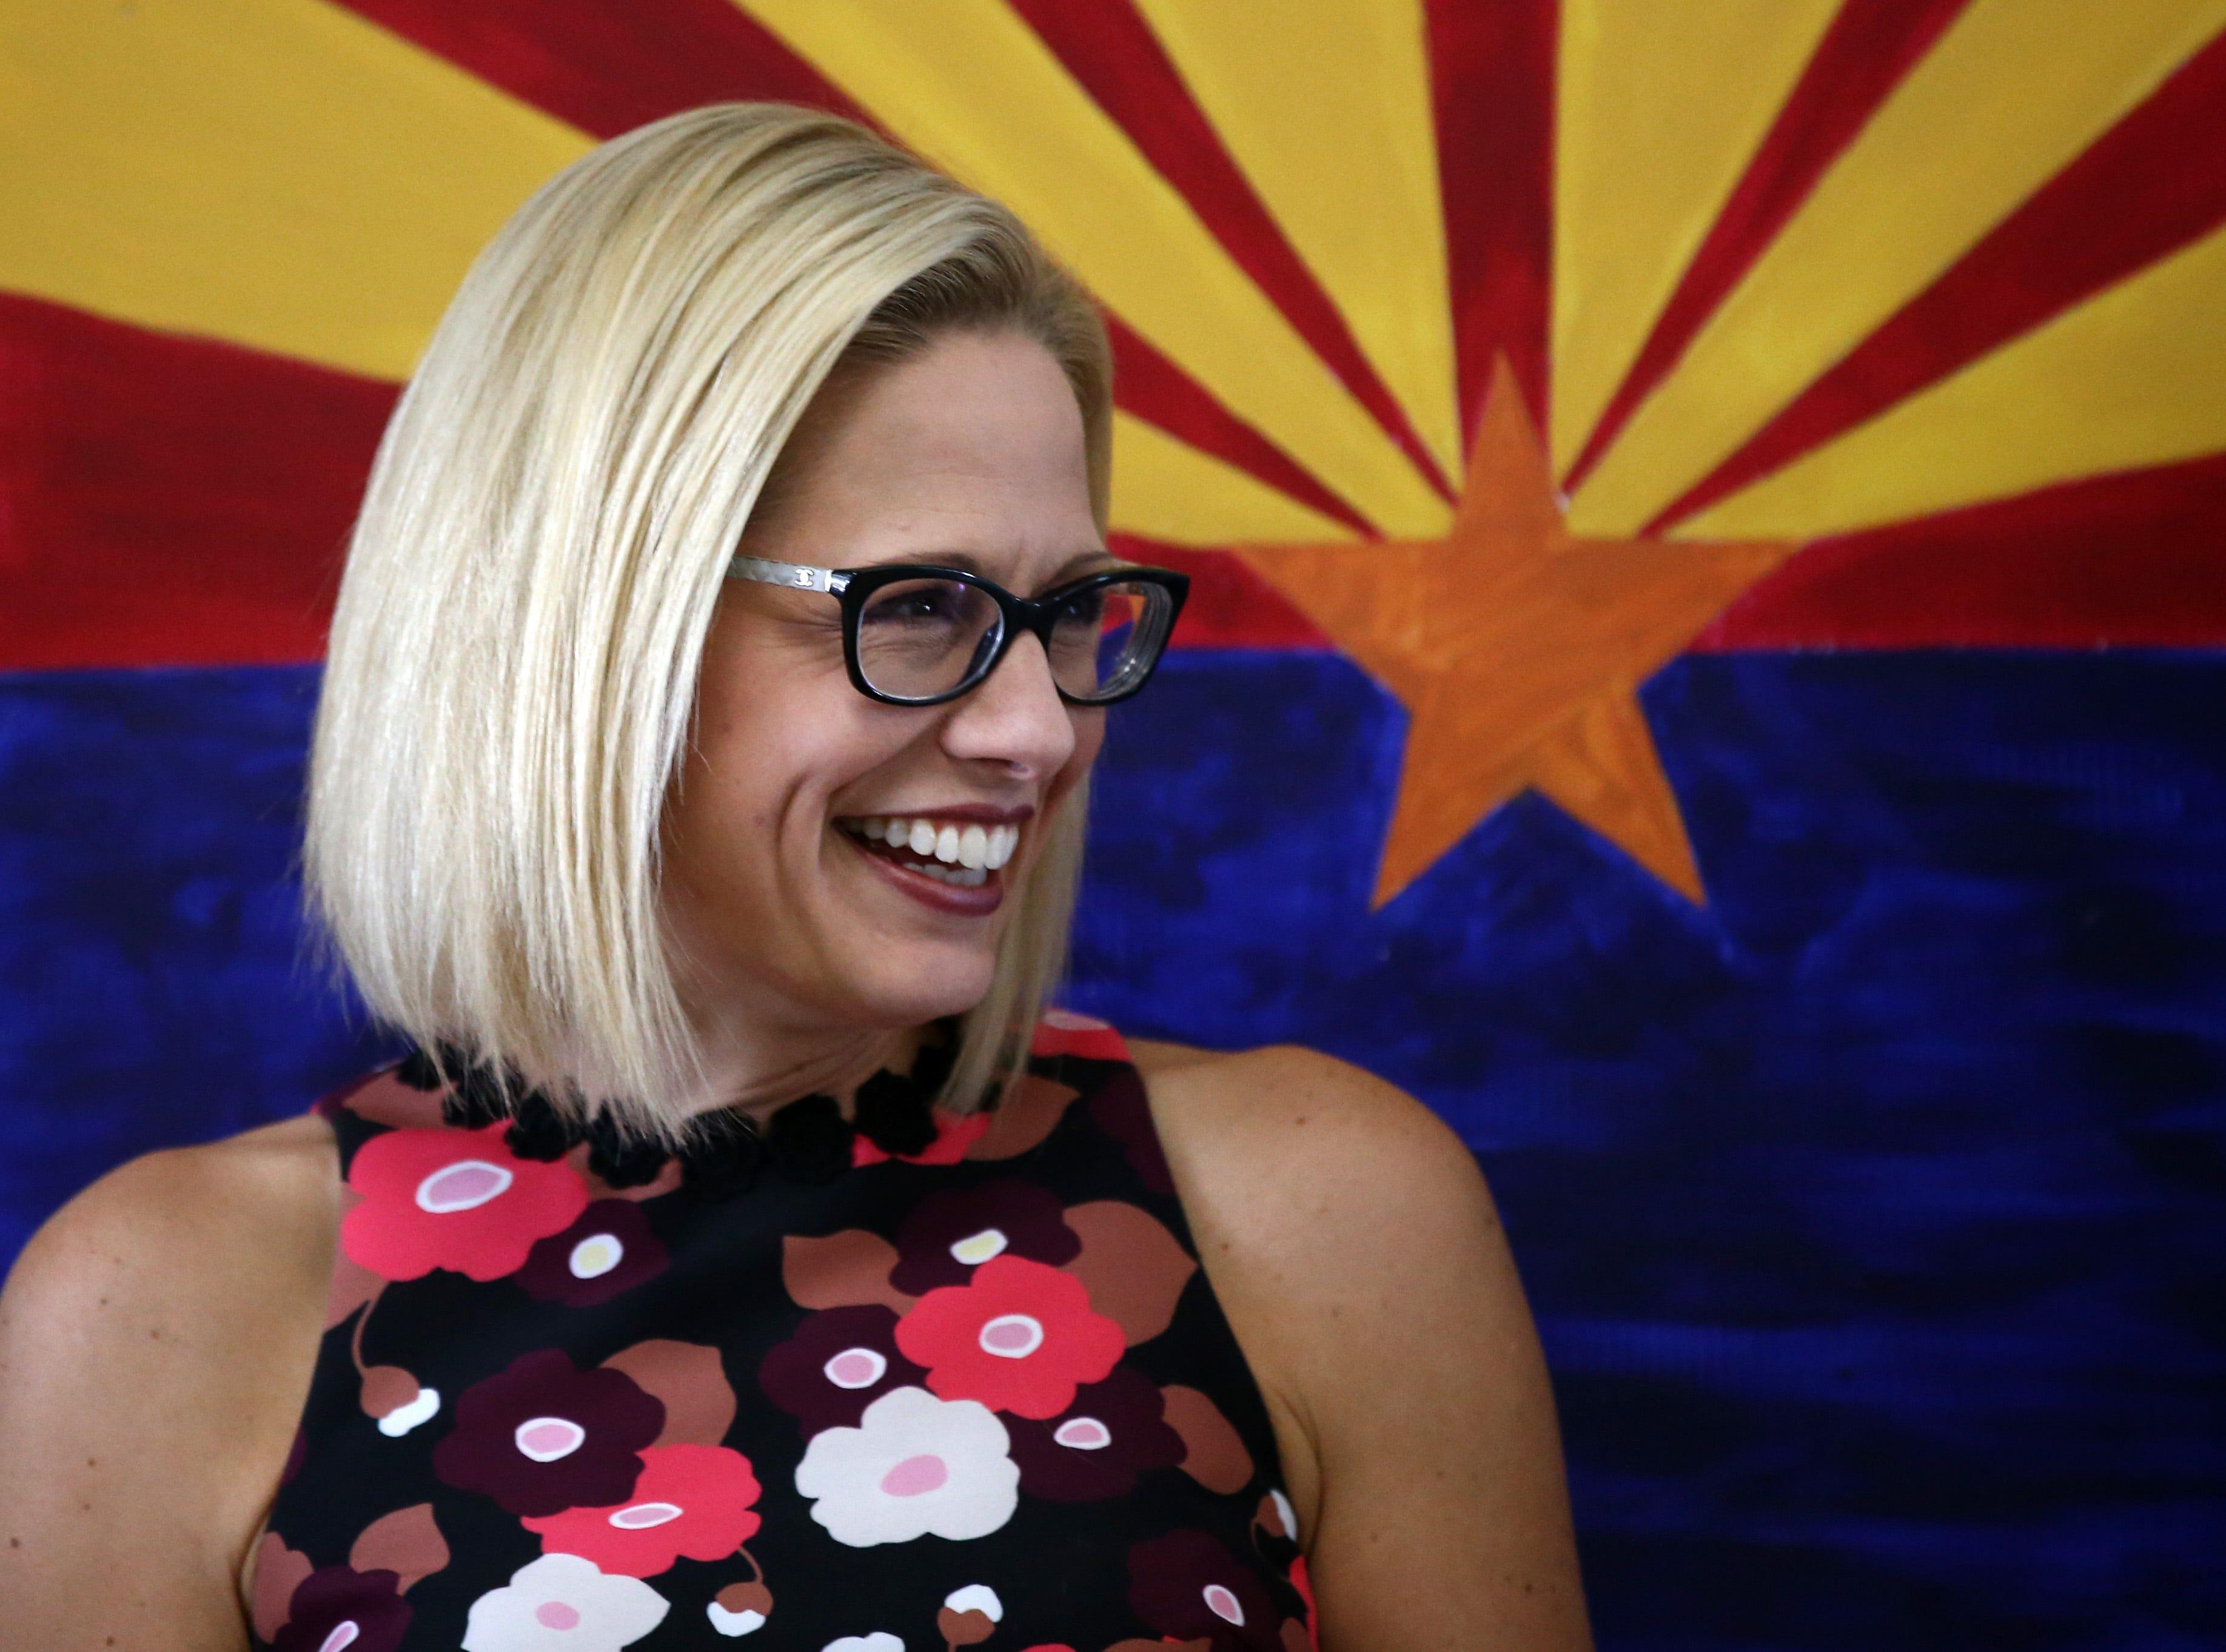 La demócrata Kyrsten Sinema ganó el escaño disponible de Arizona en el Senado federal en una de las contiendas más seguidas en Estados Unidos.